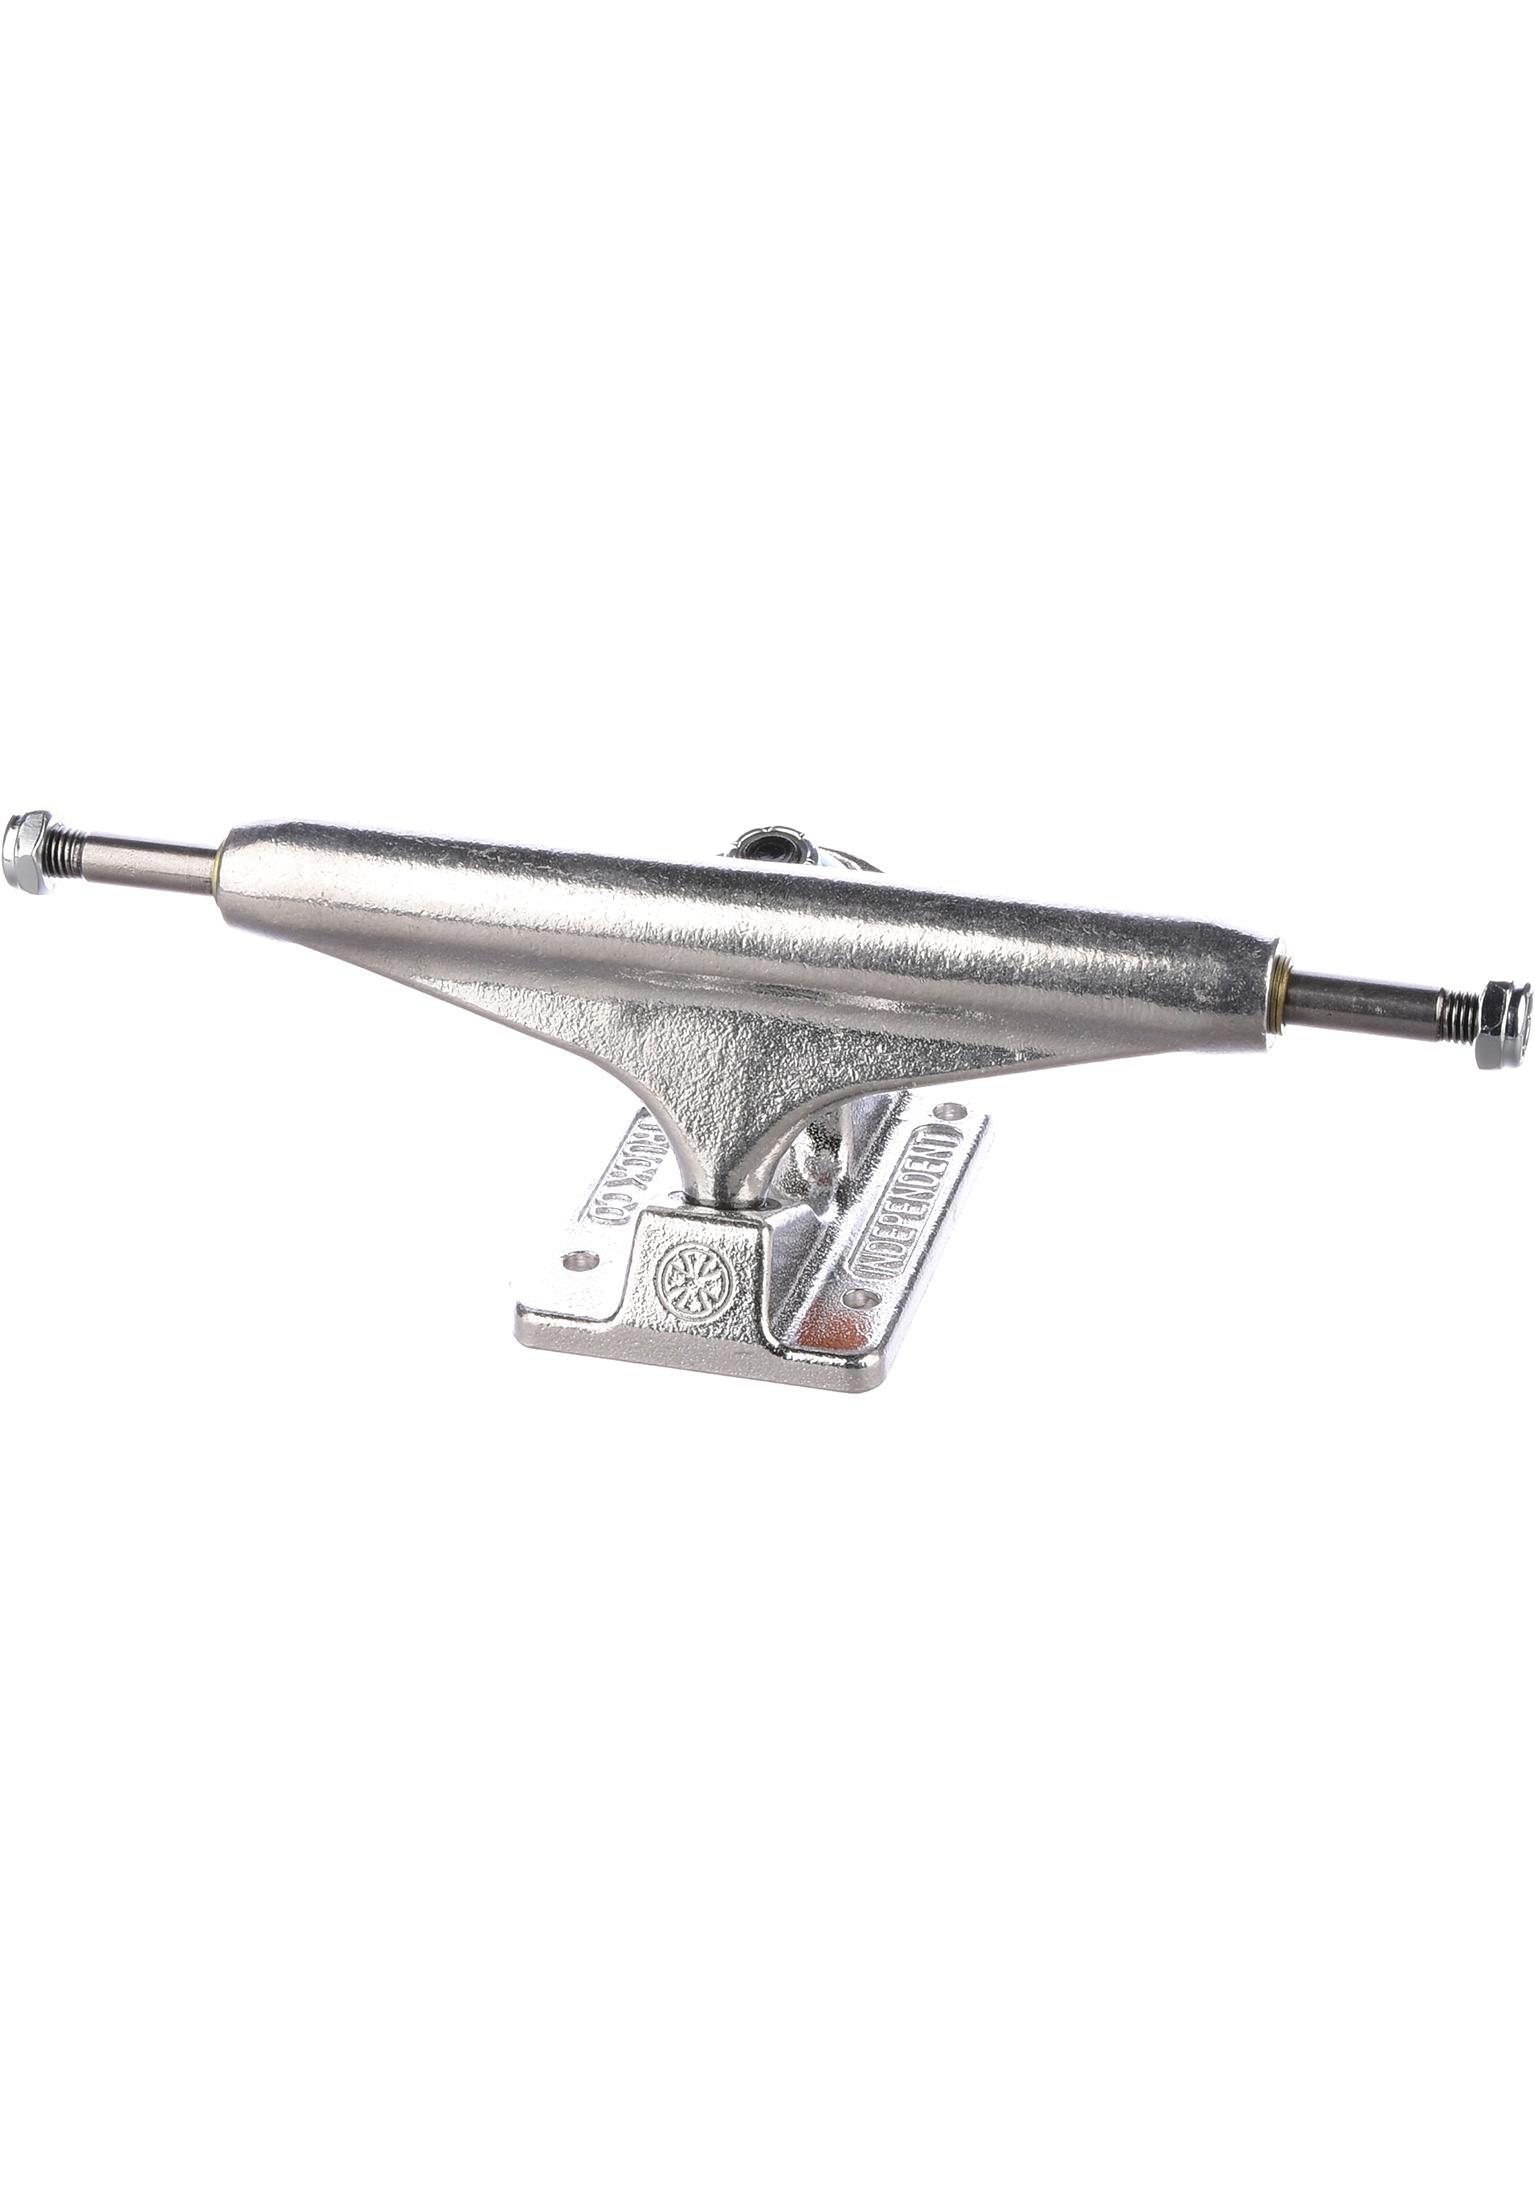 NEW FSA SLK MTB SL-K Attacco Manubrio 80mm 20D Minus 20 degree STEM Red